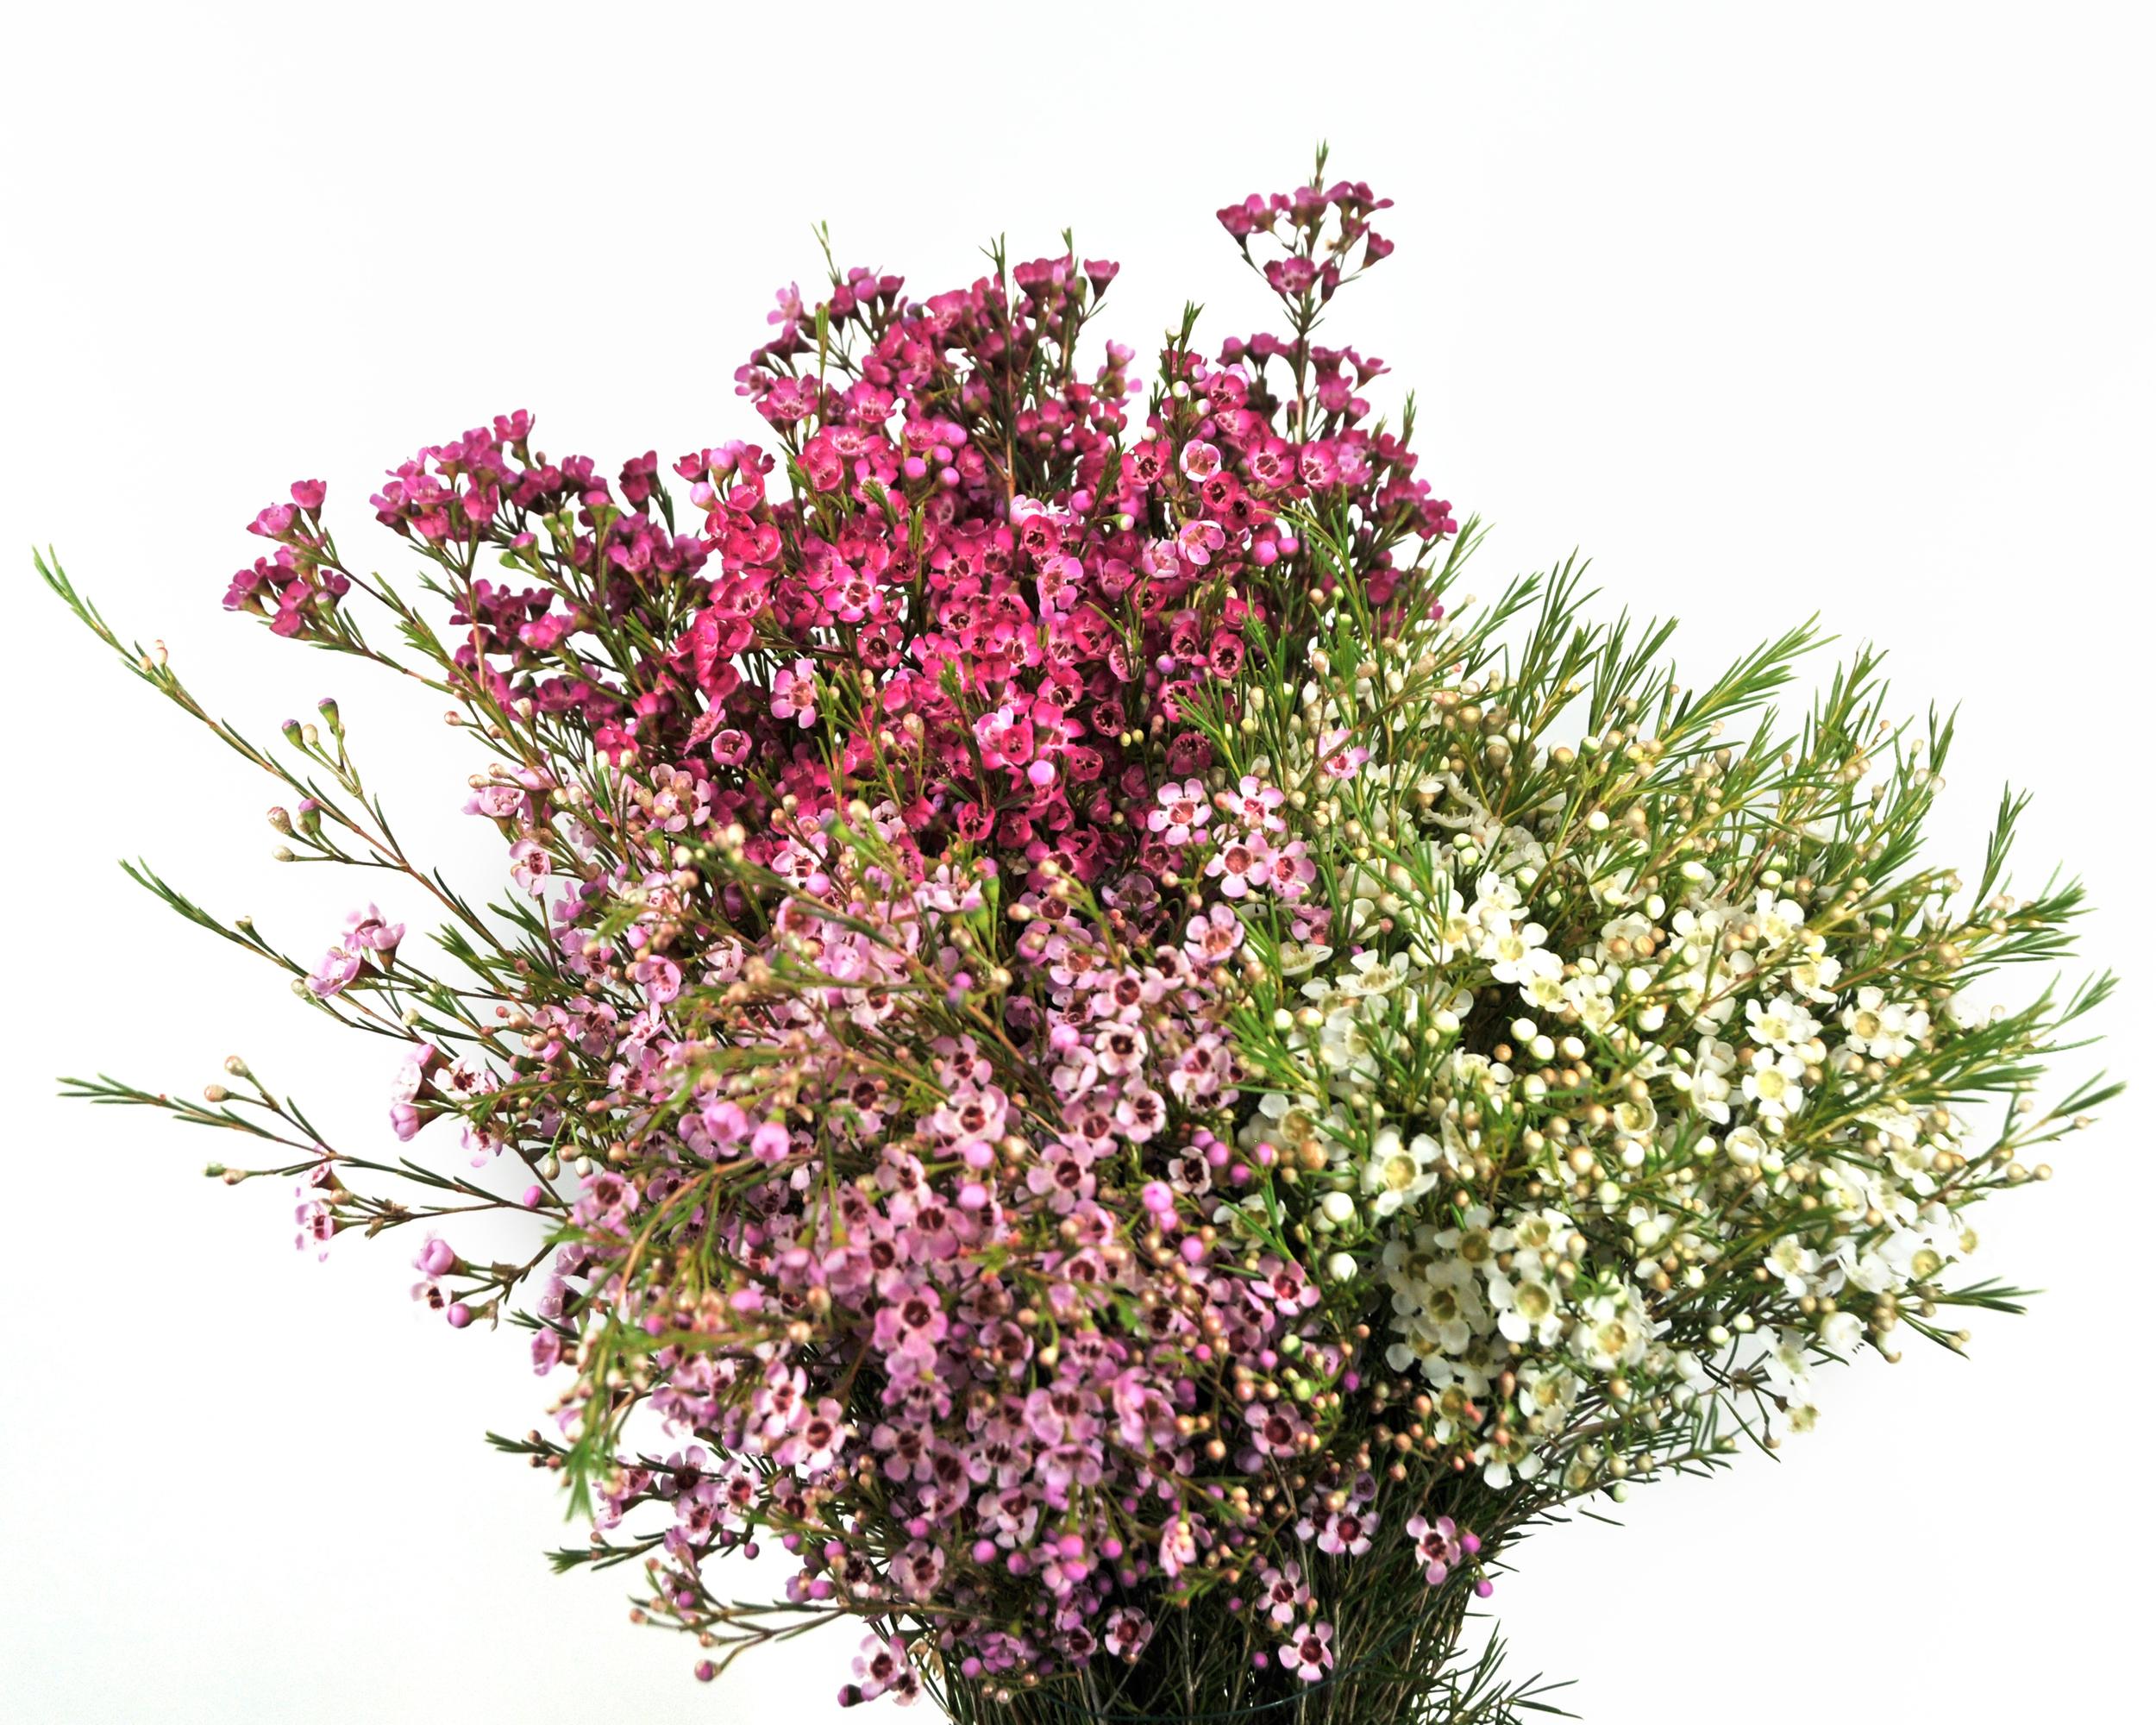 Waxflower information